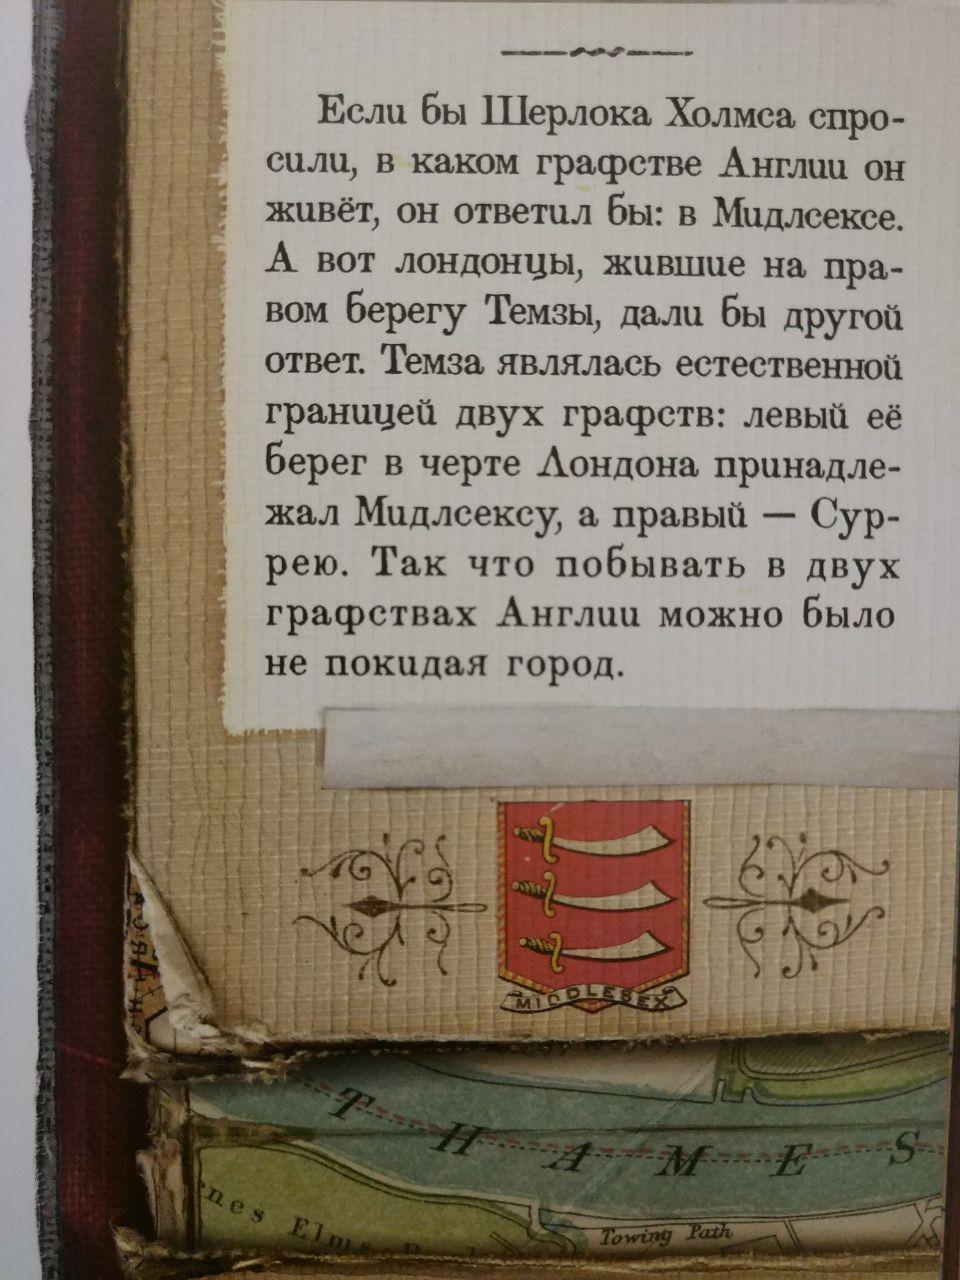 http://s3.uploads.ru/aHYFJ.jpg